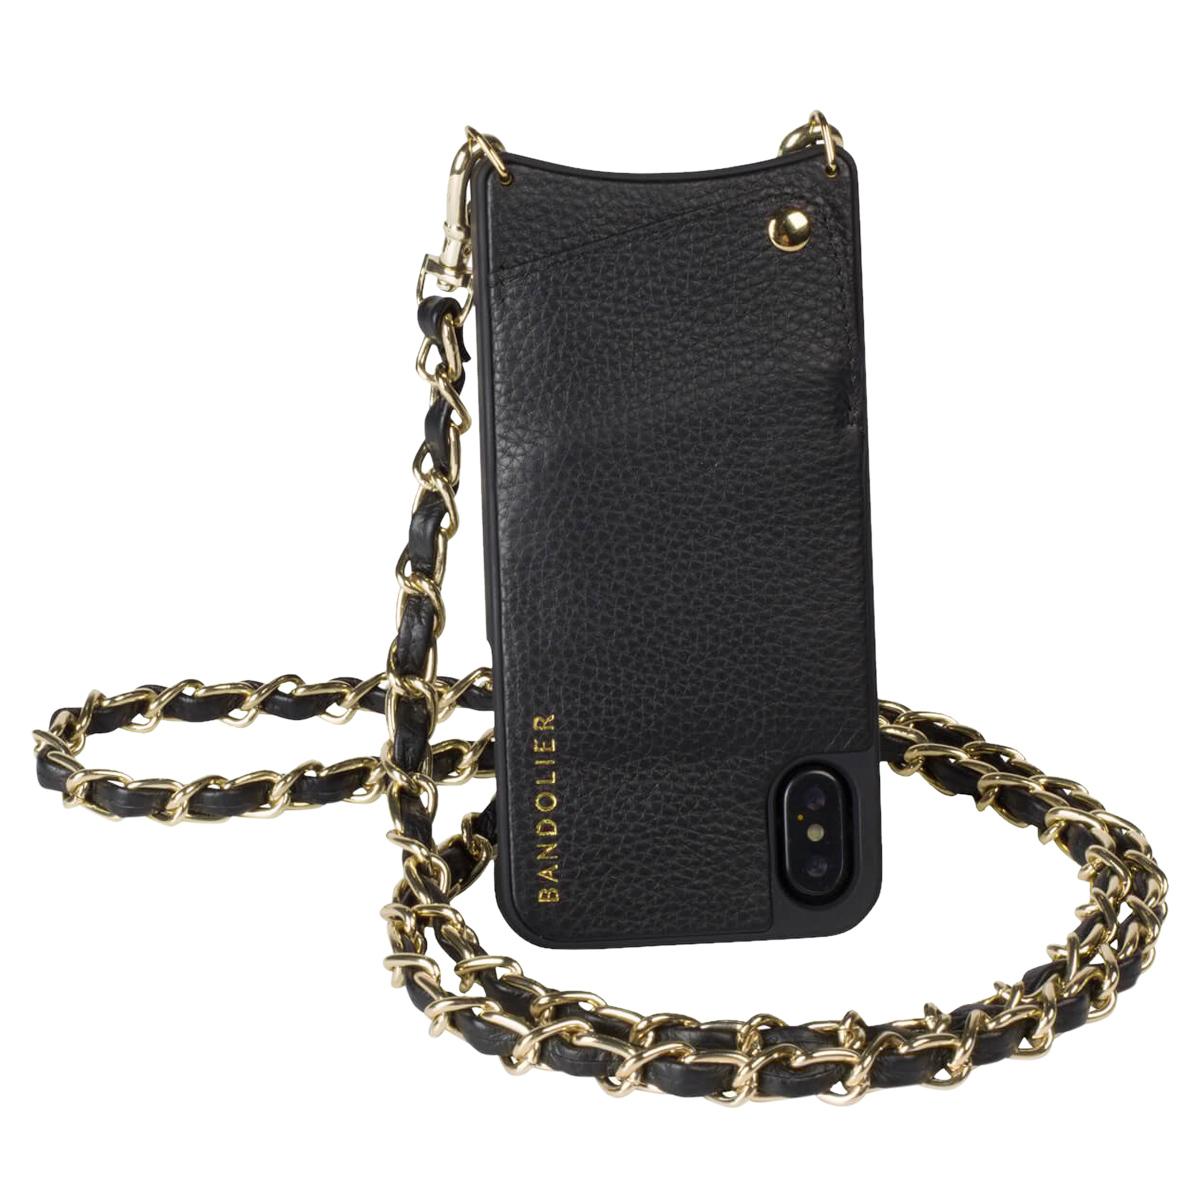 BANDOLIER iPhone XS MAX LUCY GOLD バンドリヤー ケース ショルダー スマホ アイフォン レザー メンズ レディース ブラック 10LCY1001